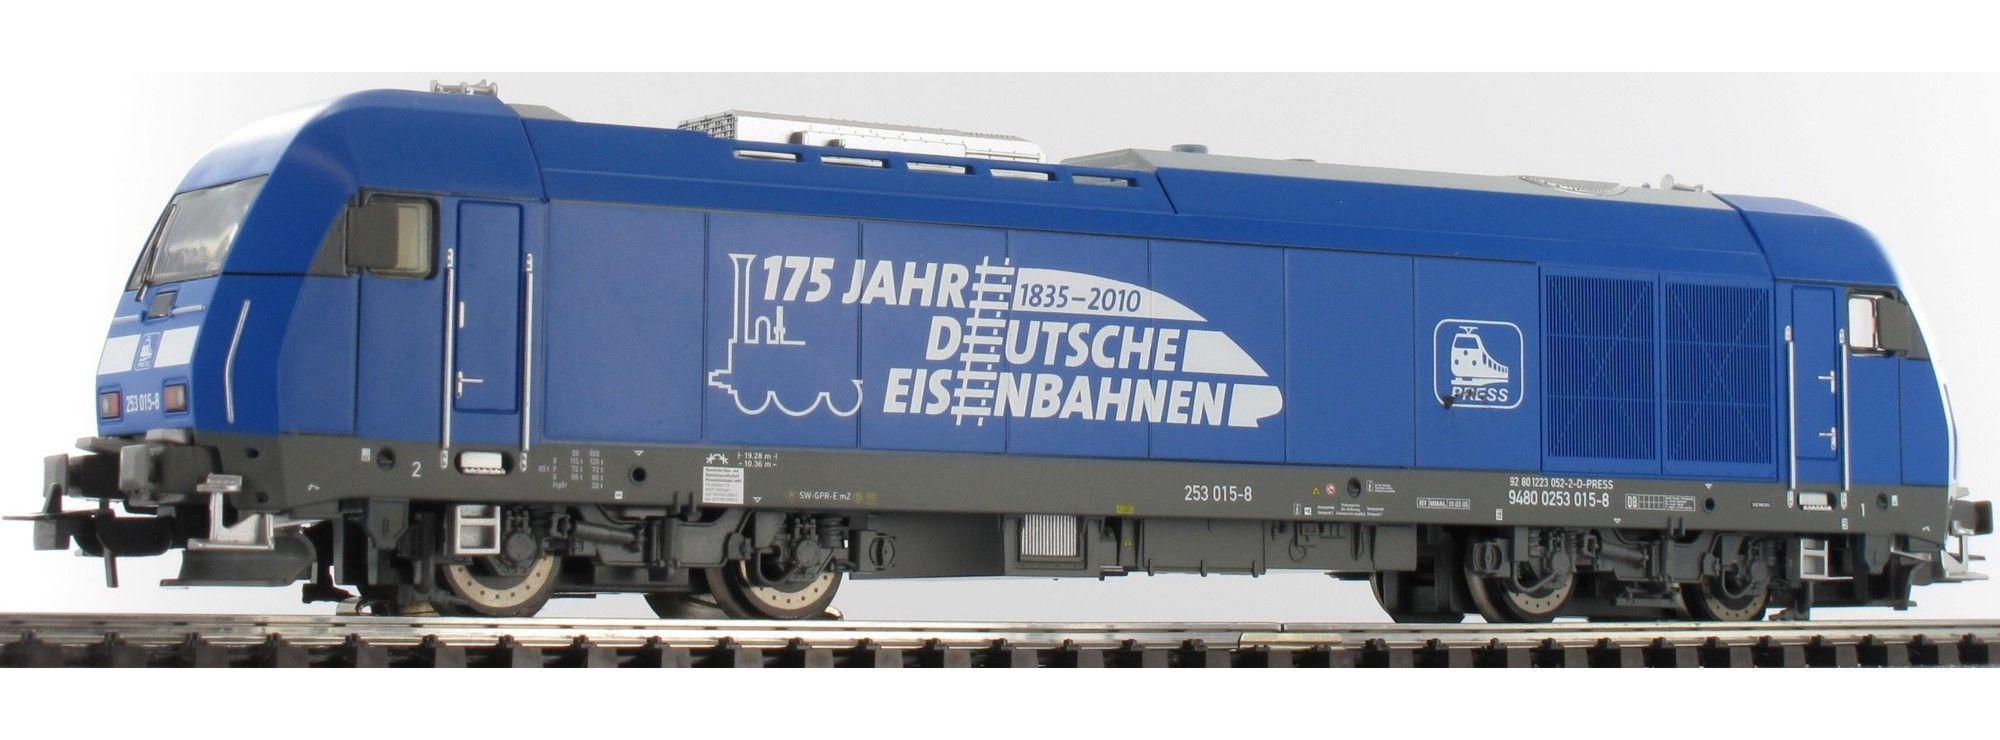 Ausverkauft Piko 57393 Diesellok Herkules Press 175 Jahre Ac